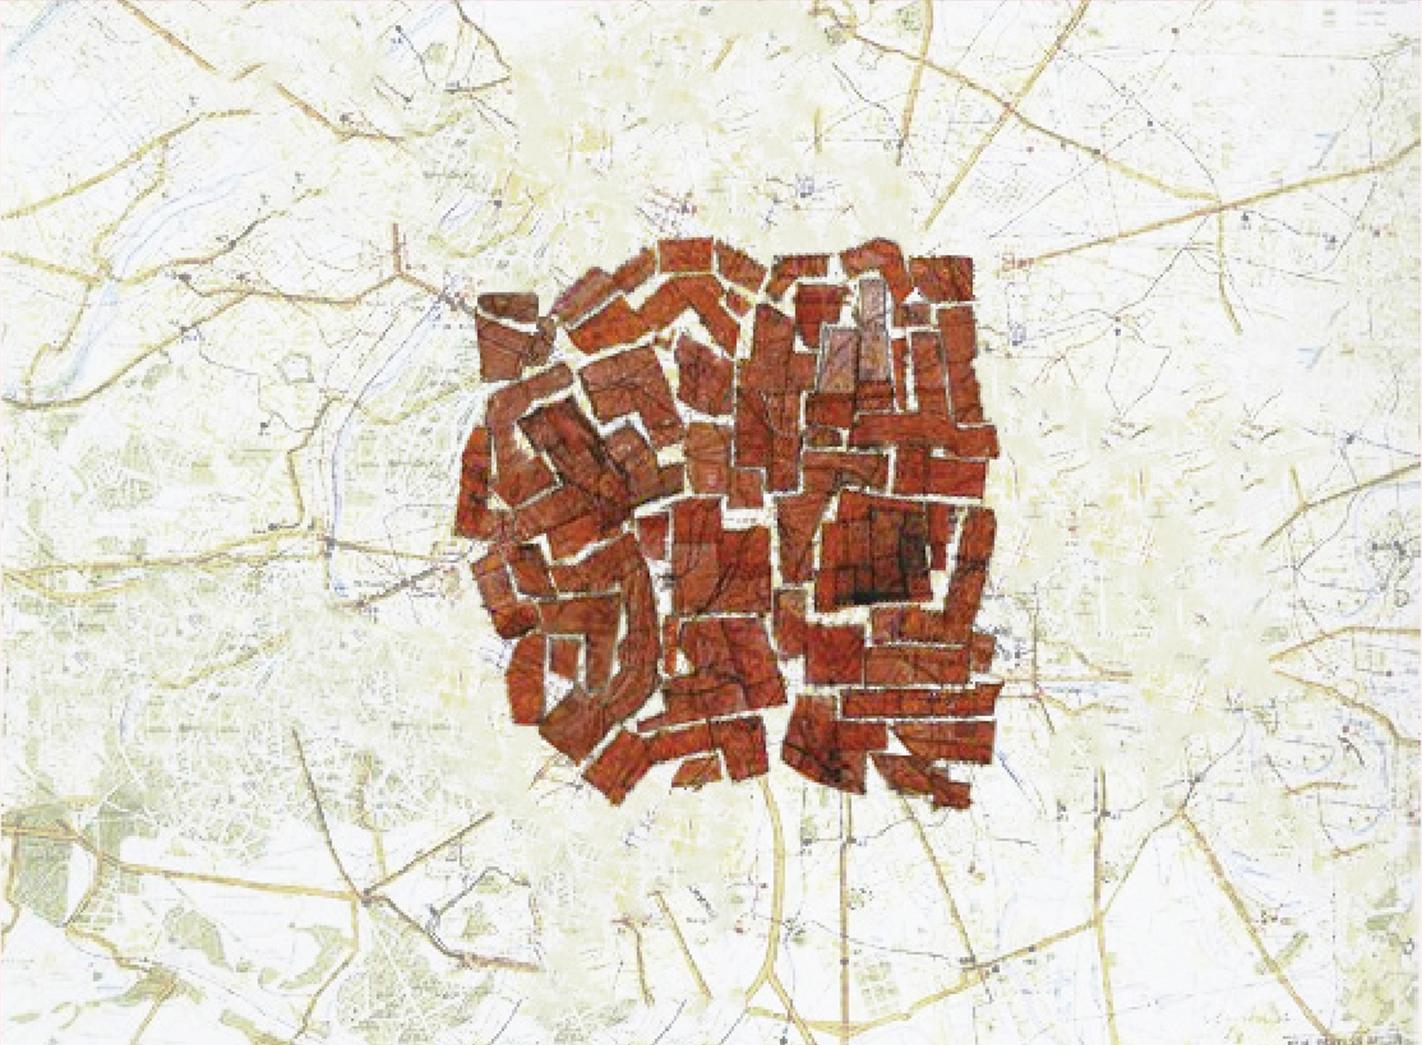 (3) Tipología de Mancha © M Soledad, Boetsch M. para  LOFscapes. Elaborado en base a Constant,  New Babylon (1963) – © Haags Gemeentemuseum.